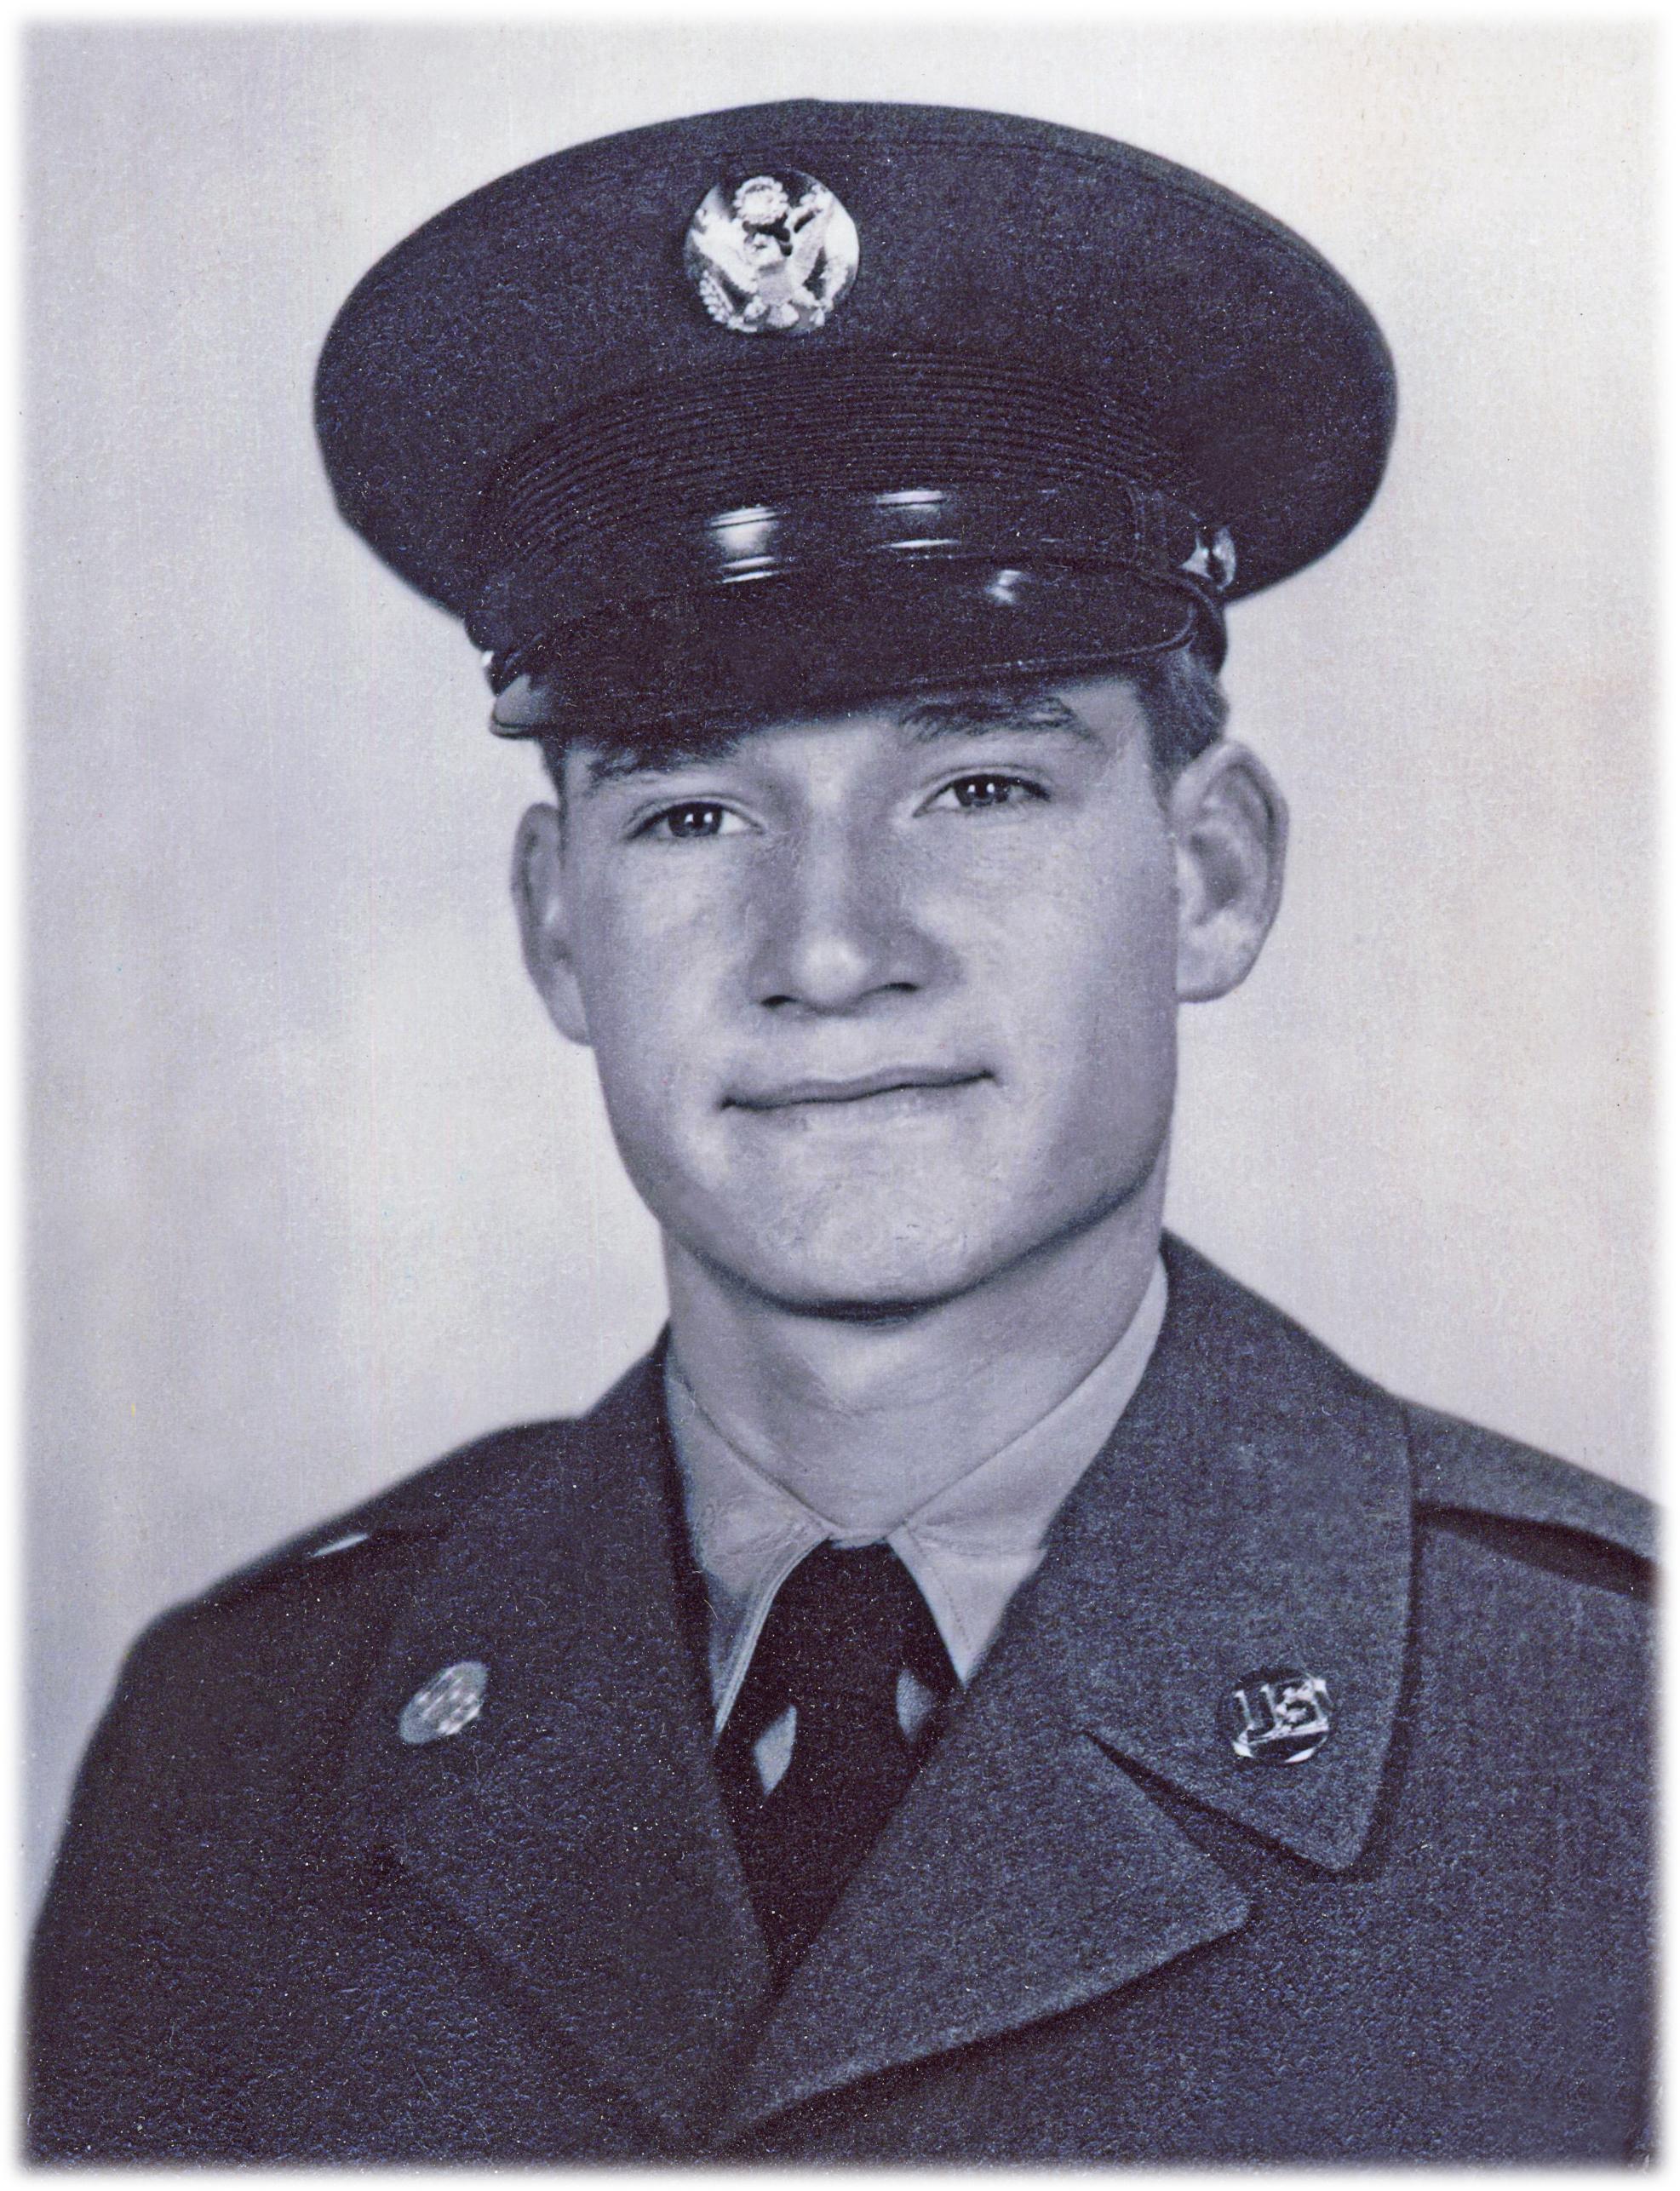 Robert L. Harrill